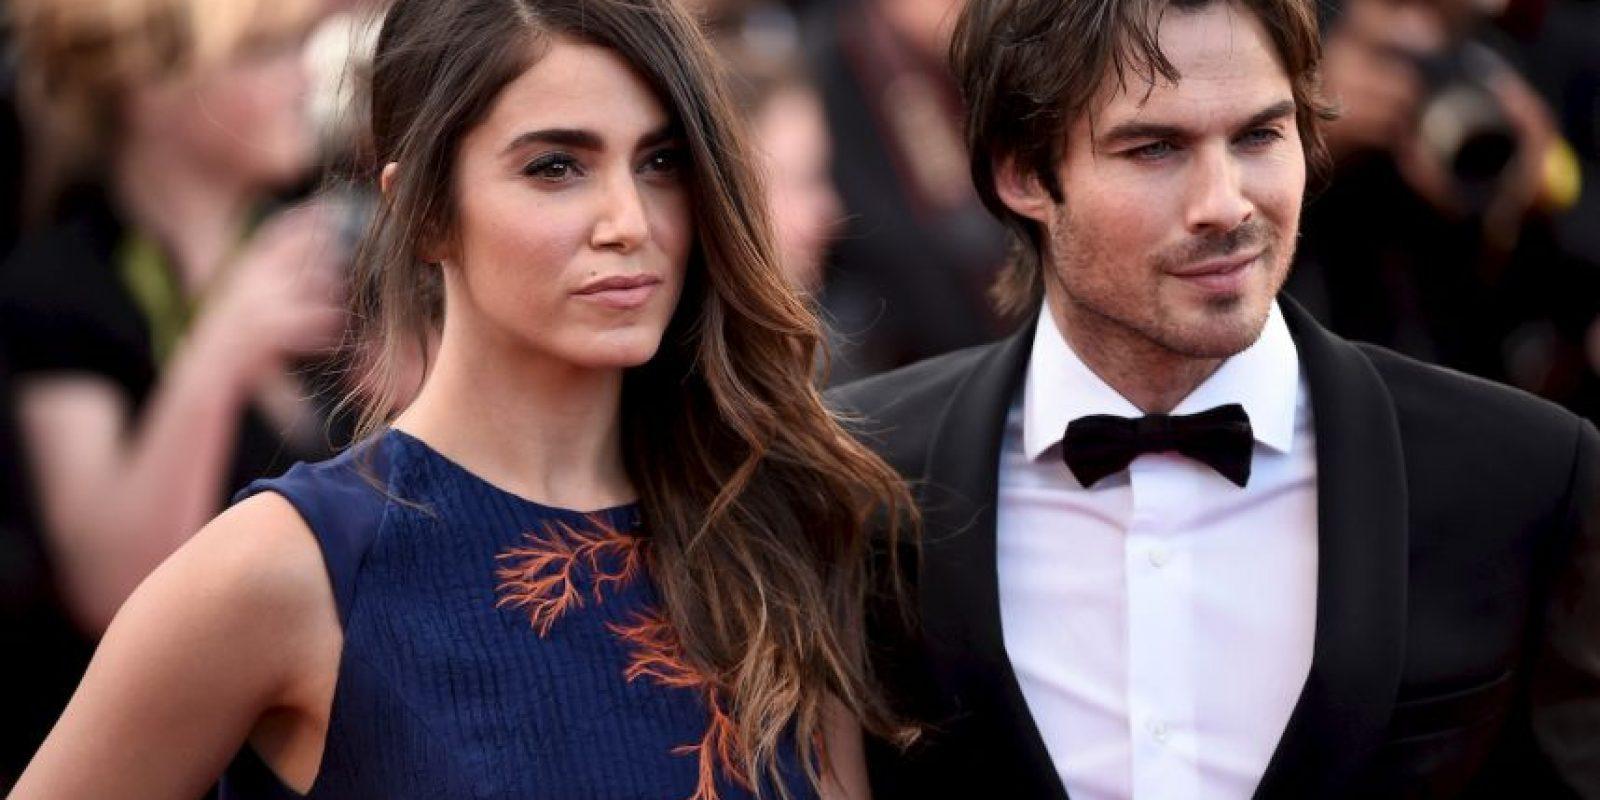 La presencia de la pareja cautivo a los asistentes del Festival de Cine Foto:Getty Images